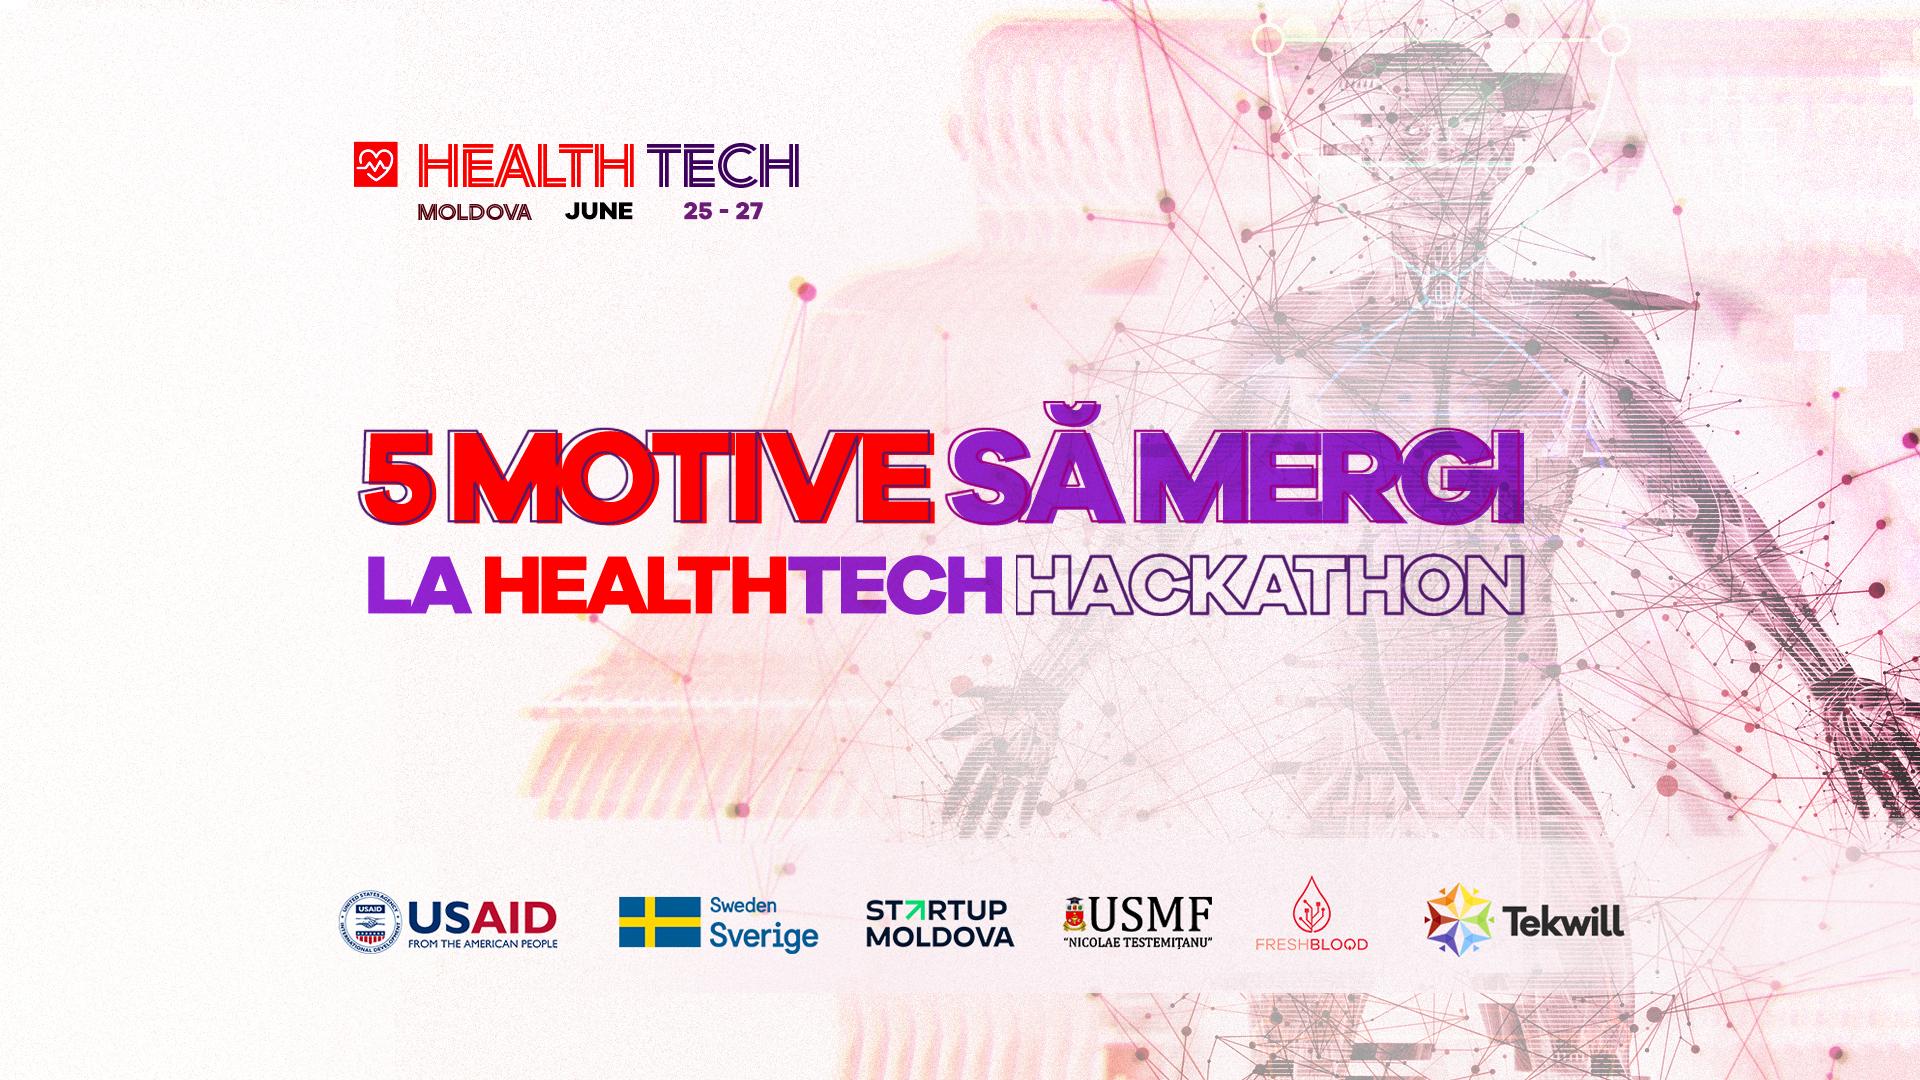 healthtech-call-5-motive-1.jpg